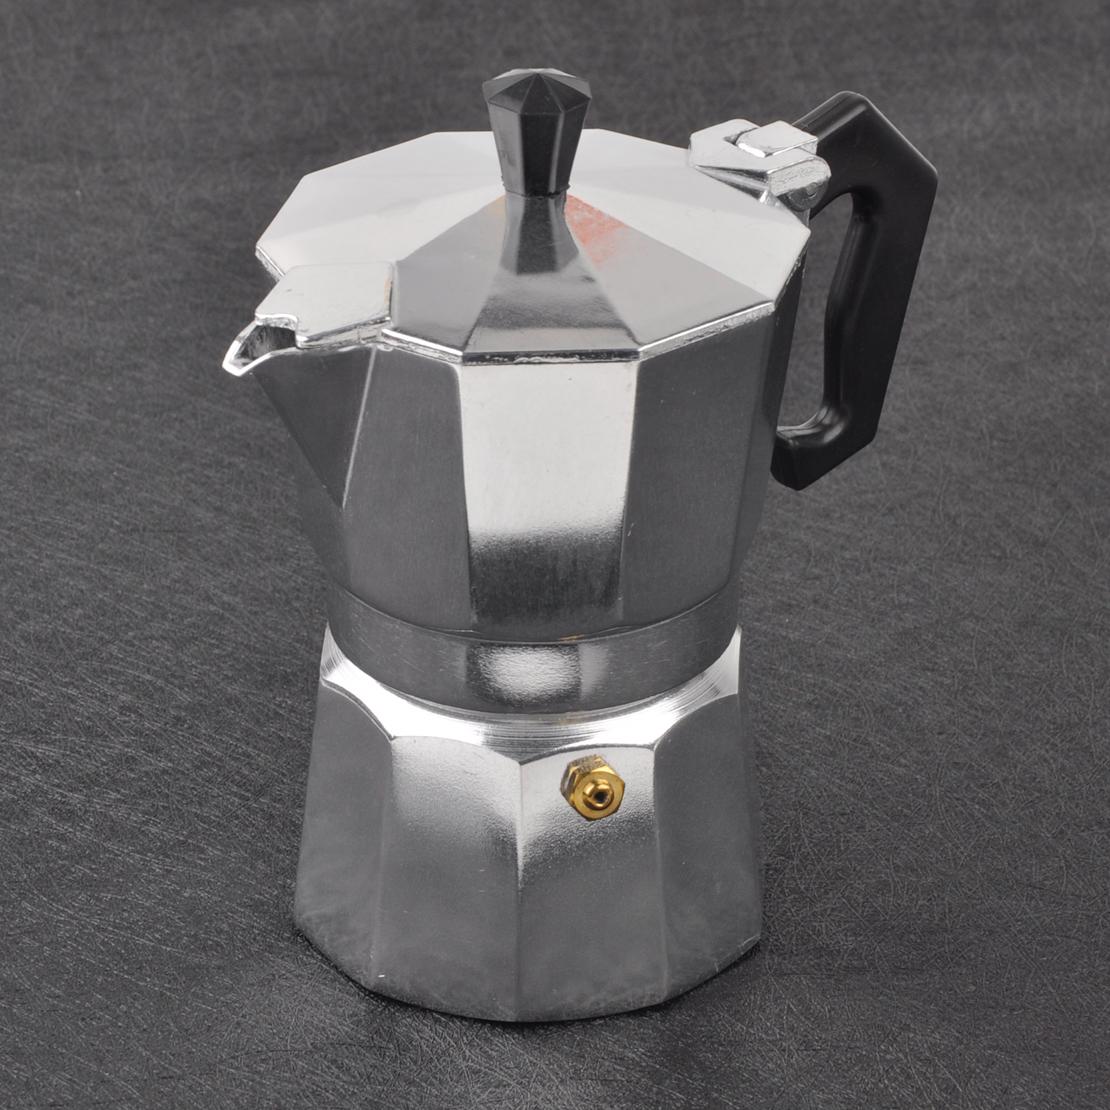 Bialetti Espressokocher Moka Express 4 Tassen Espresso Kocher Aluminium Expresso